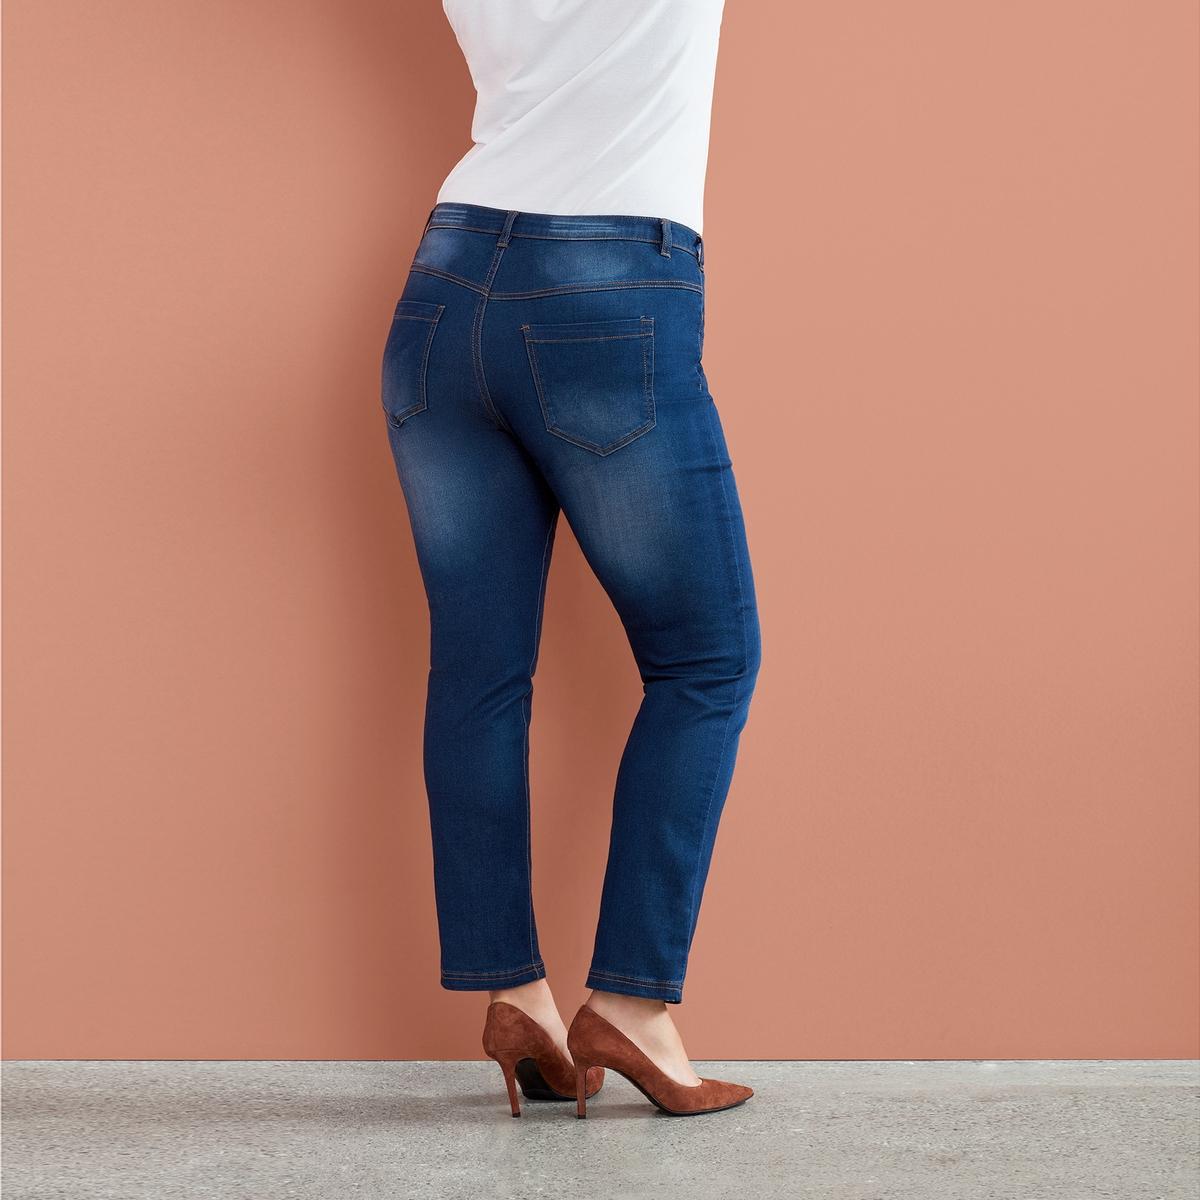 Джинсы узкие, длина 82 смДжинсы узкие ZIZZI, длина 82 см . 65% хлопка, 32% полиэстера, 3% эластана. Шлевки для ремня, стандартная посадка, 4 кармана. Стретчевый материал высокого качества гарантирует комфорт использования<br><br>Цвет: синий джинсовый<br>Размер: 46 (FR) - 52 (RUS)